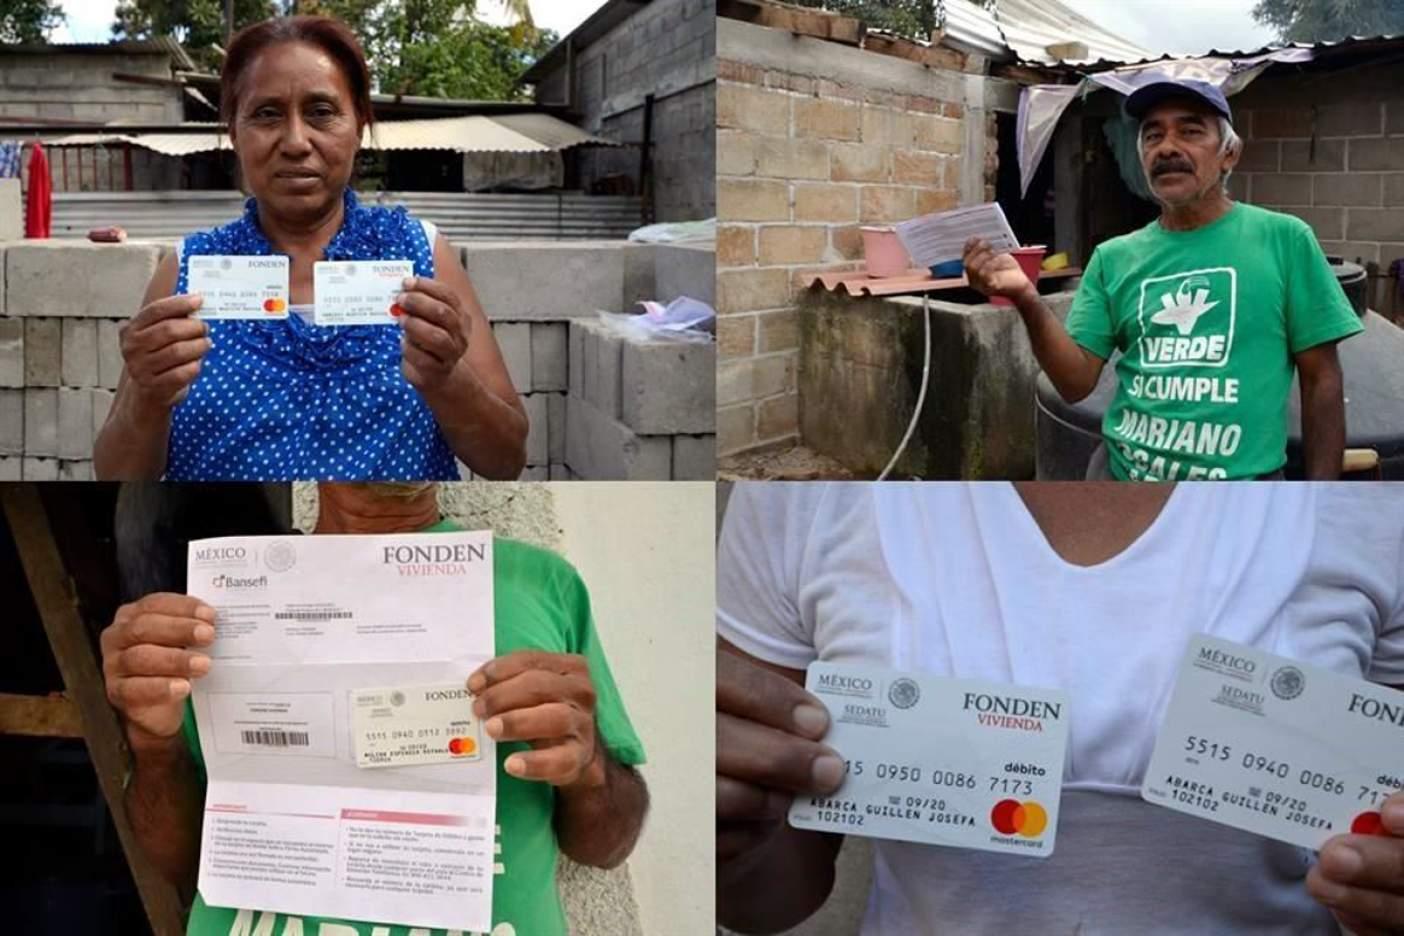 Se clonan tarjetas de los damnificados de los sismos